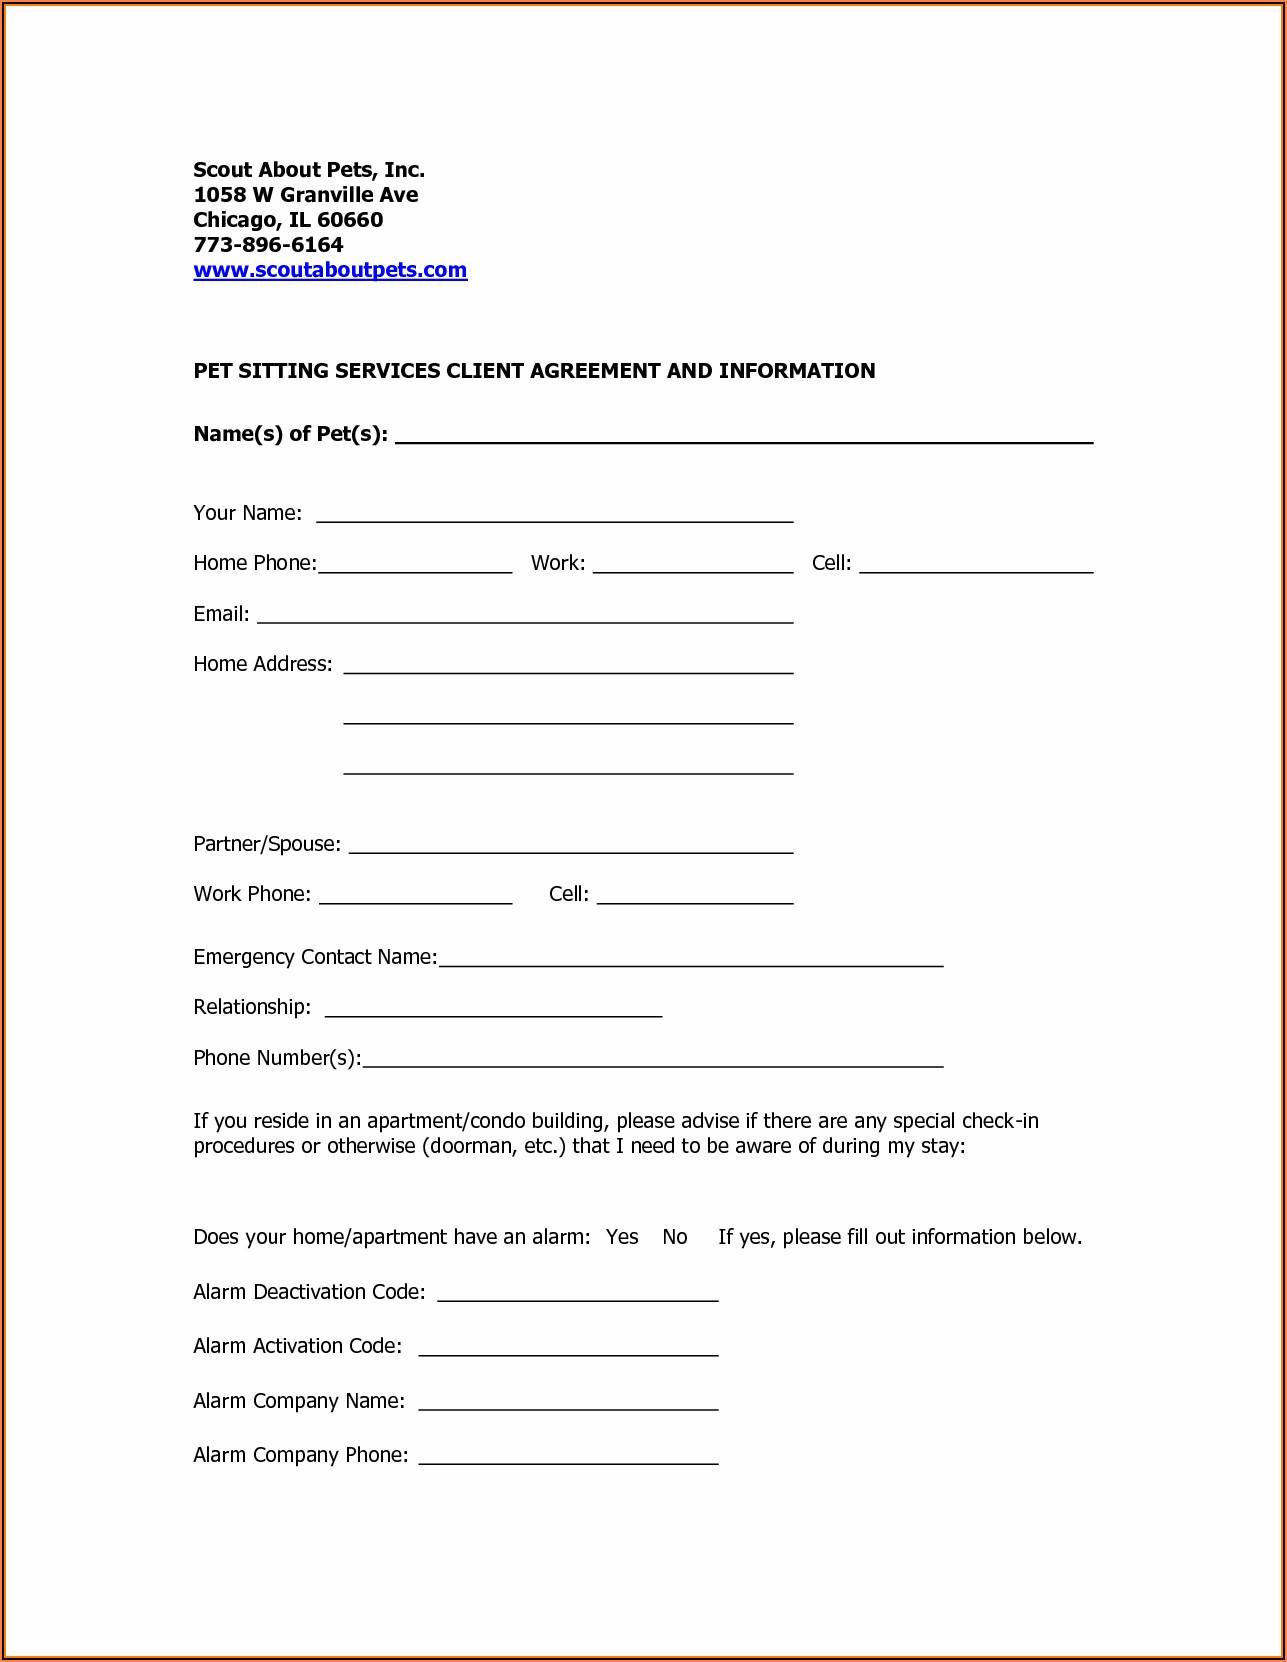 Dog Walking Registration Form Template